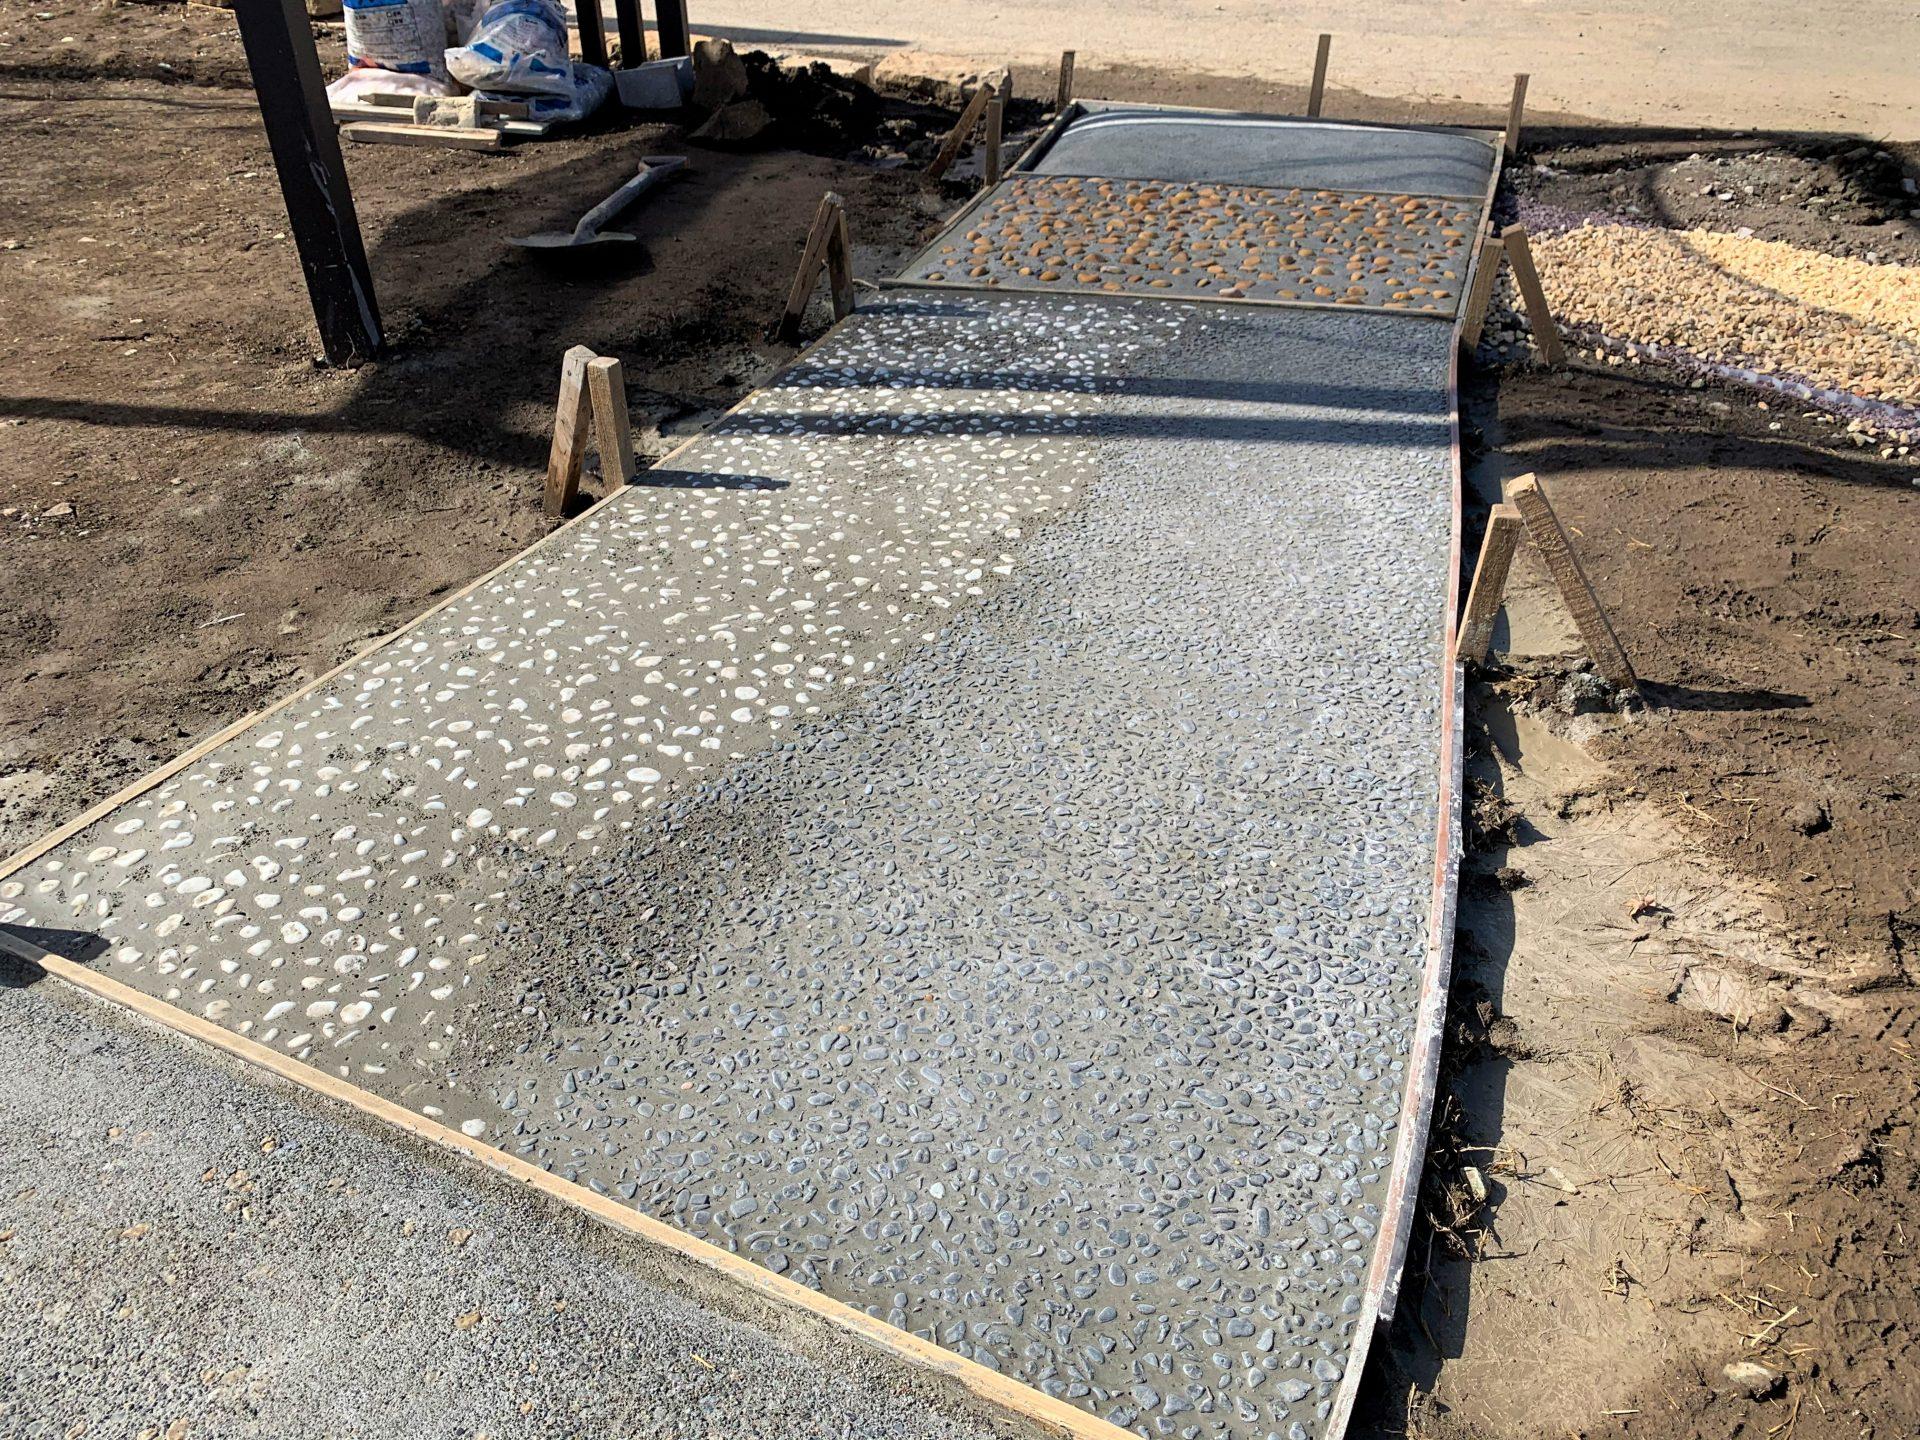 土間コンクリートの洗い出しアプローチ完成